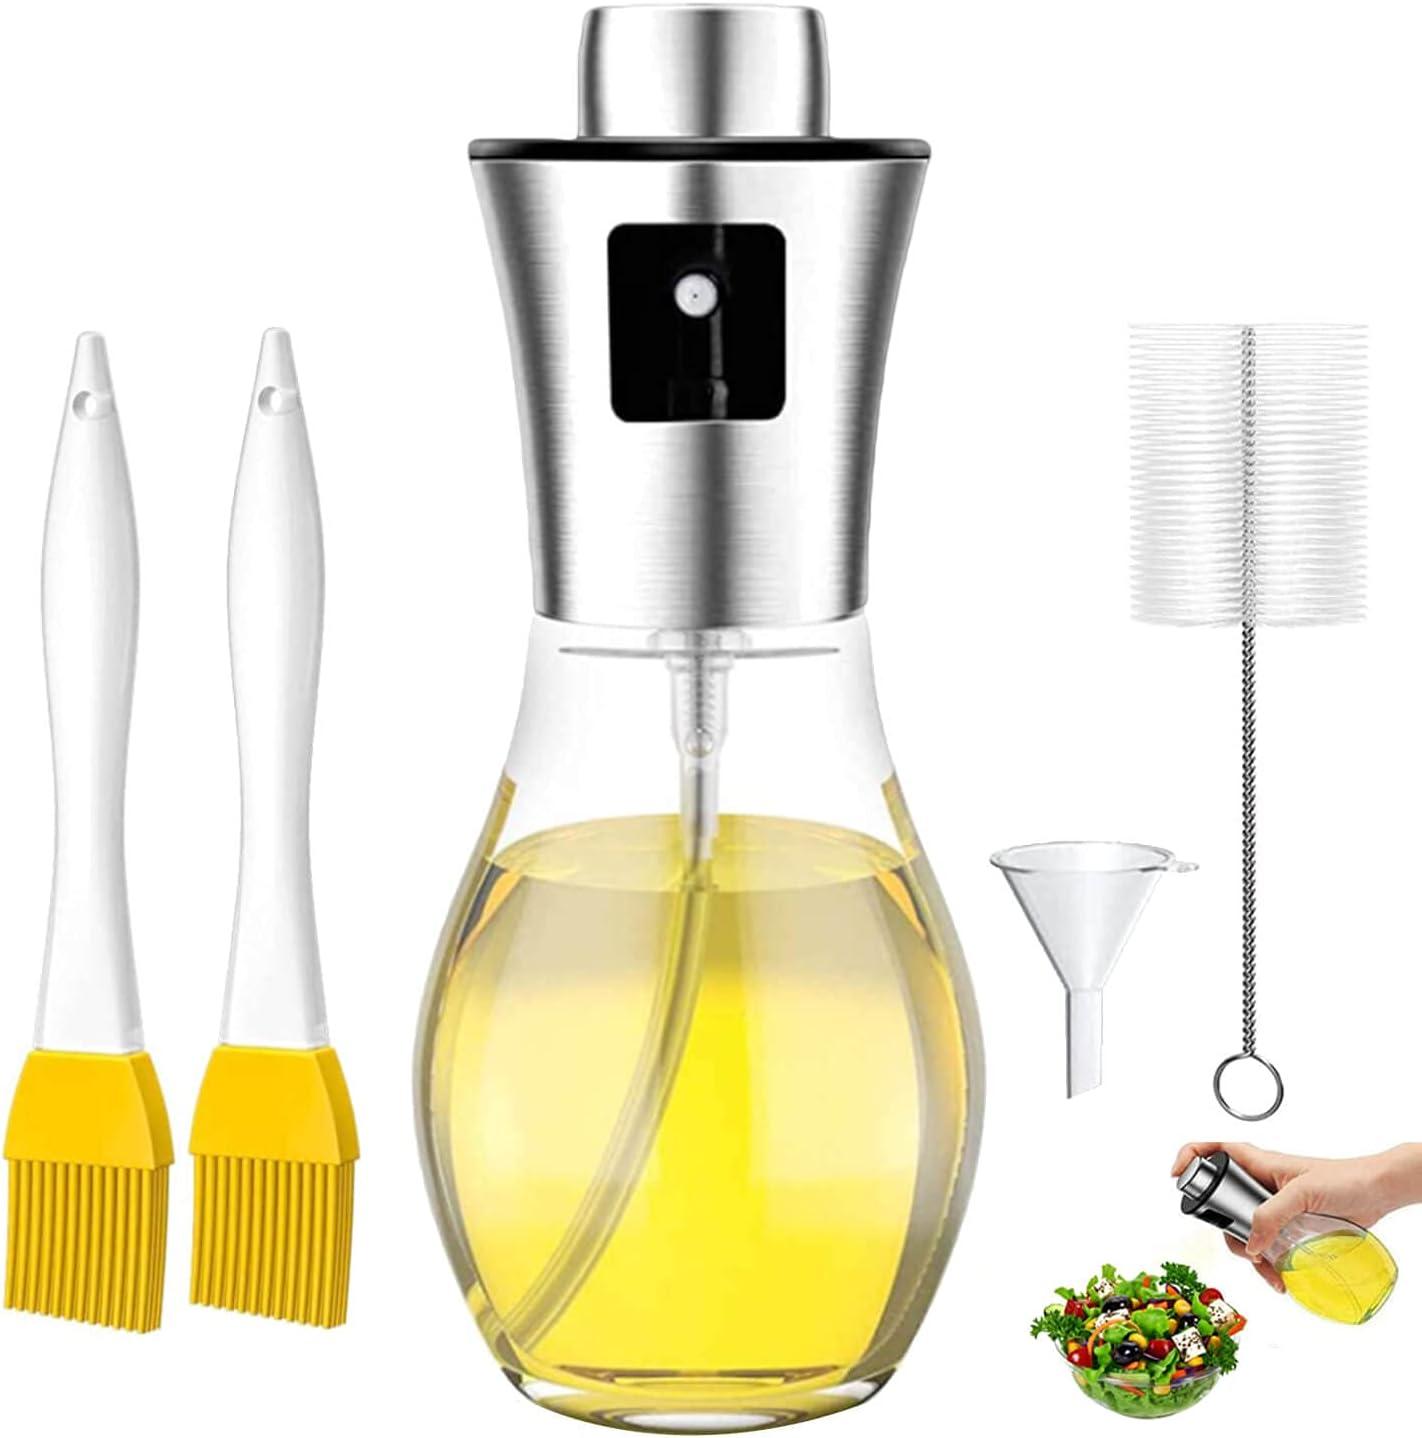 LiRiQi Rociador De Aceite para Cocinar, Dispensador de pulverizador de Aceite, Pulverizador Spray Oliva Aceite, Botella De Vinagre De Vidrio, para cocinar, Ensalada, Hornear, Pan, BBQ, Cocina (200ML)